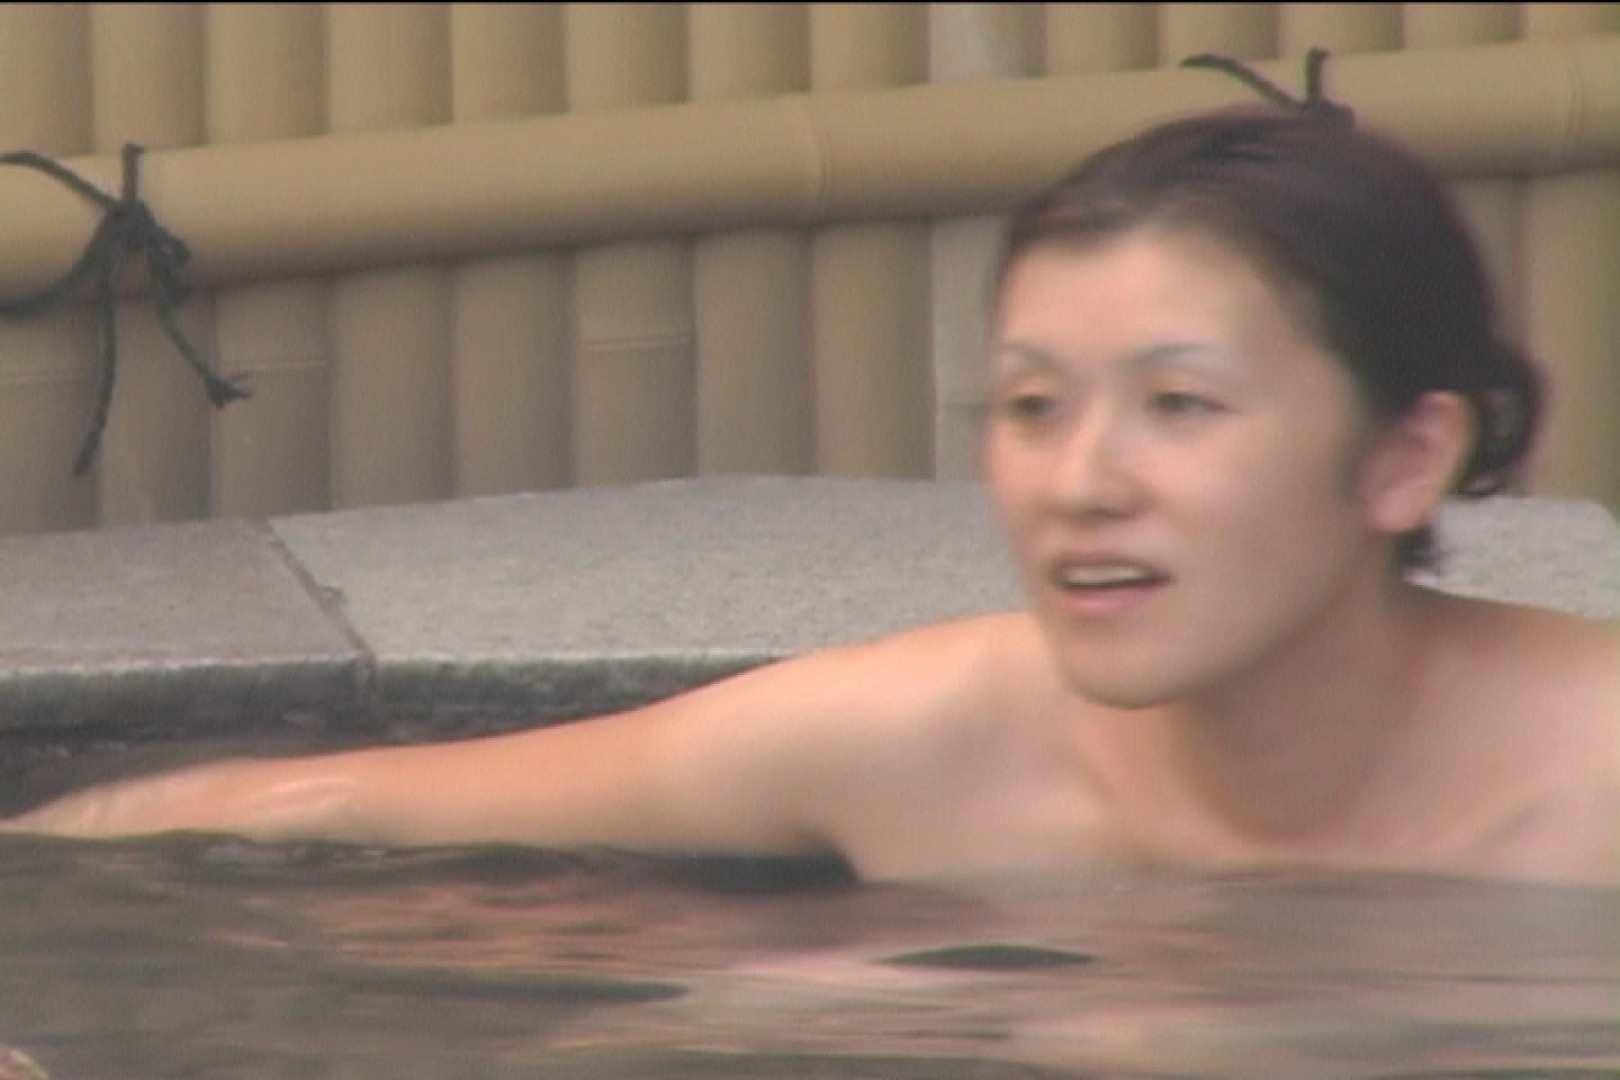 Aquaな露天風呂Vol.532 盗撮  105画像 72